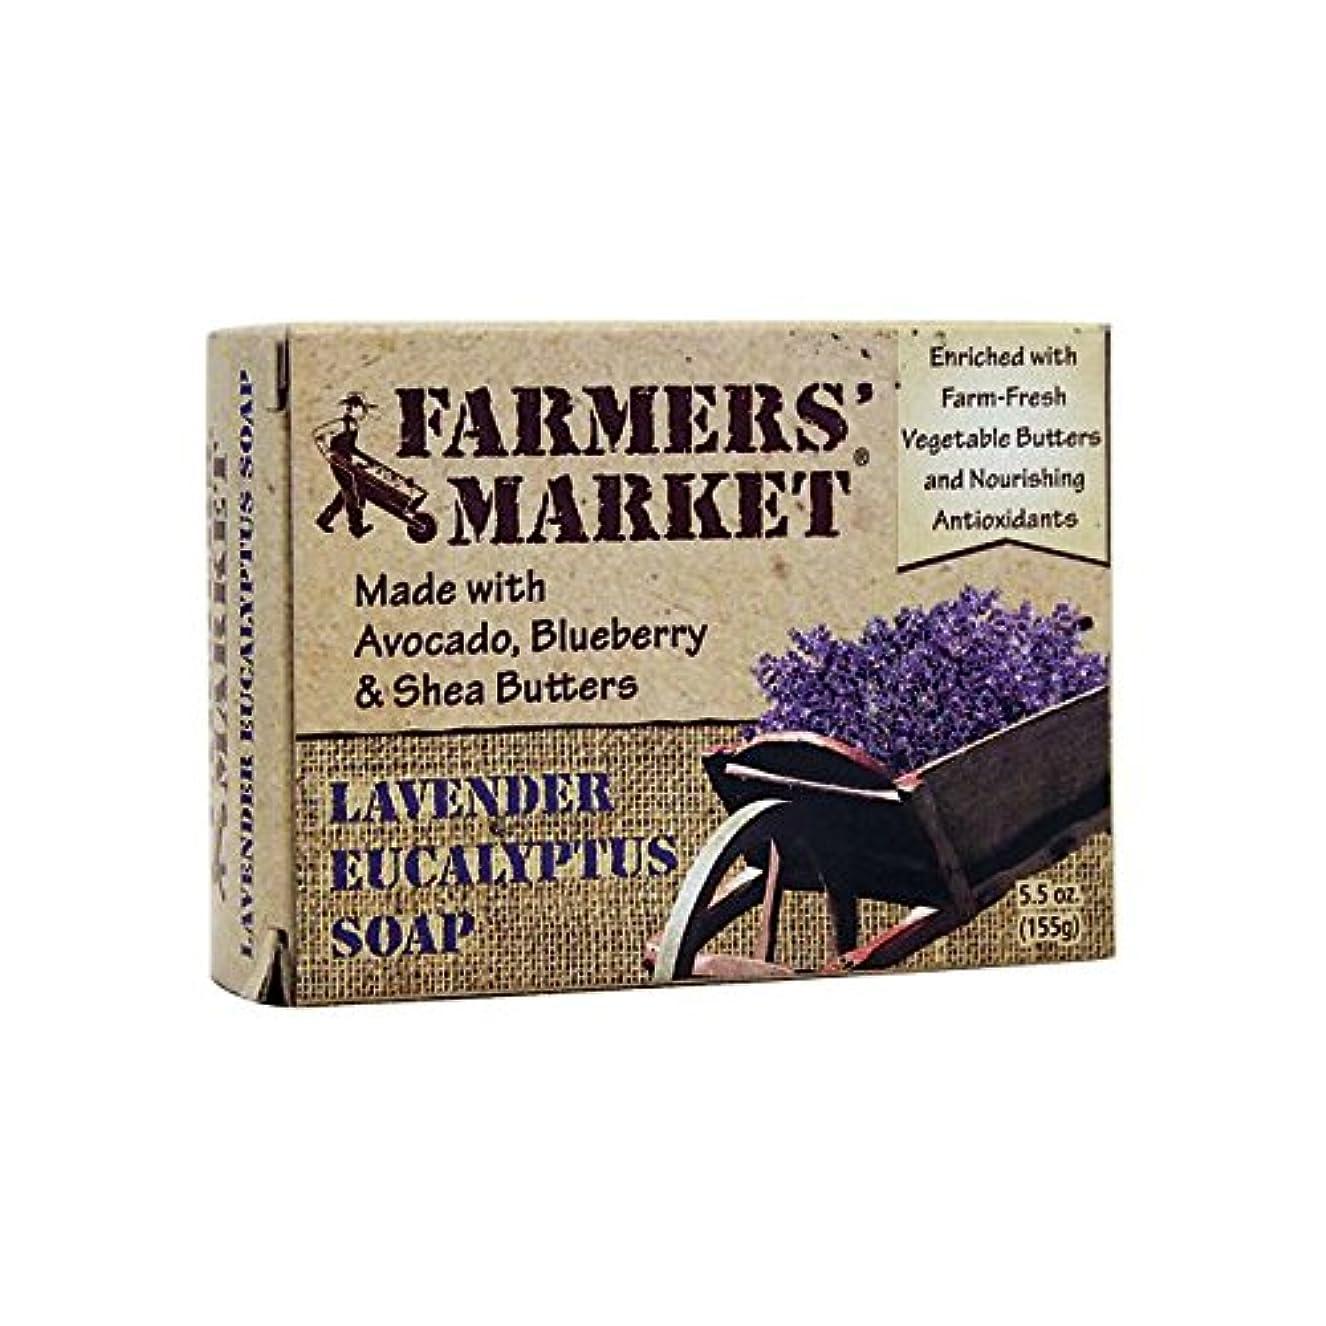 繕う小切手株式Farmers' Market Soaps, Lavender Eucalyptus Soap, 5.5 oz (155 g) (Discontinued Item)